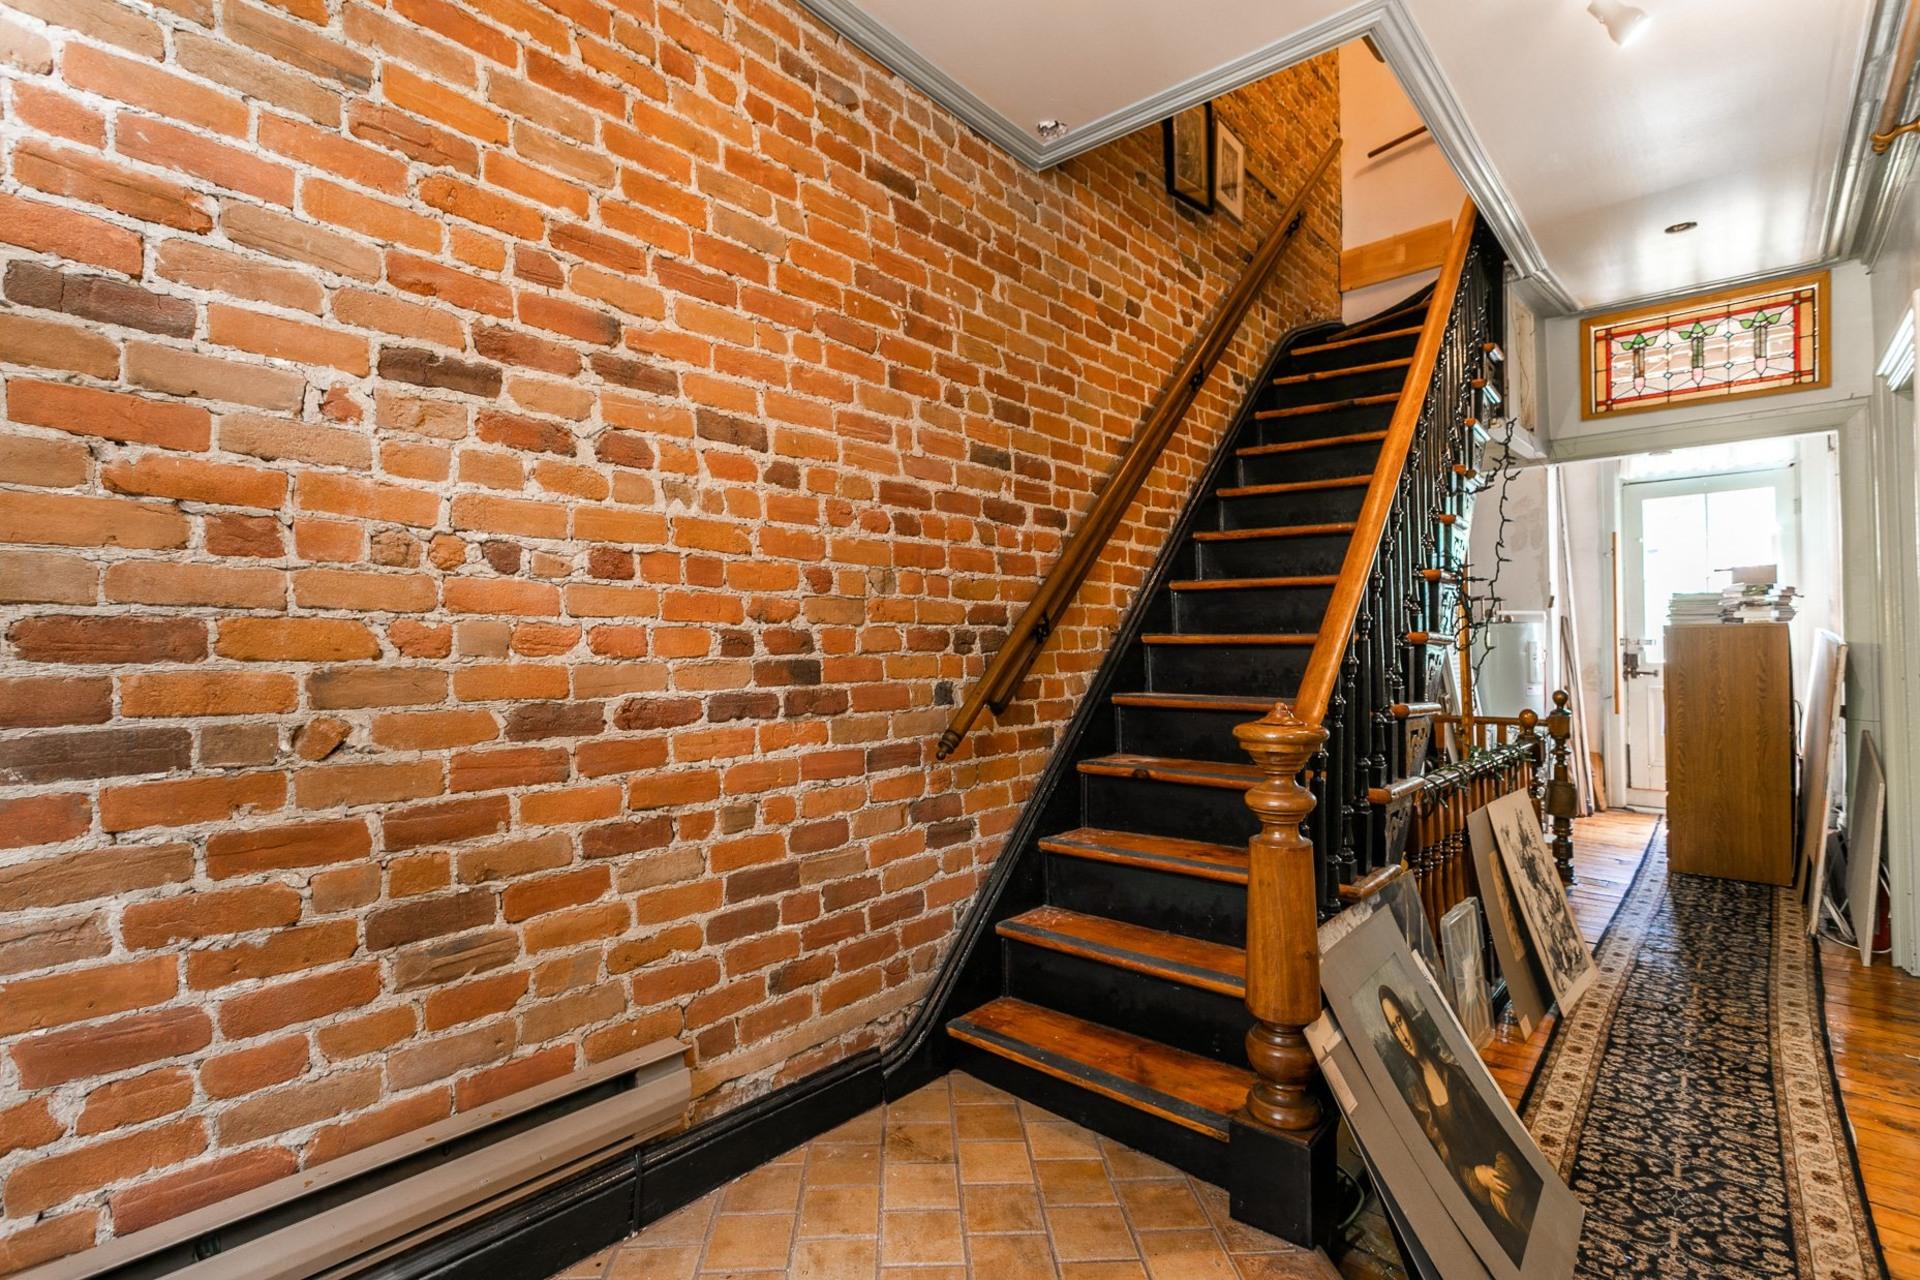 image 14 - Maison À vendre Le Plateau-Mont-Royal Montréal  - 7 pièces